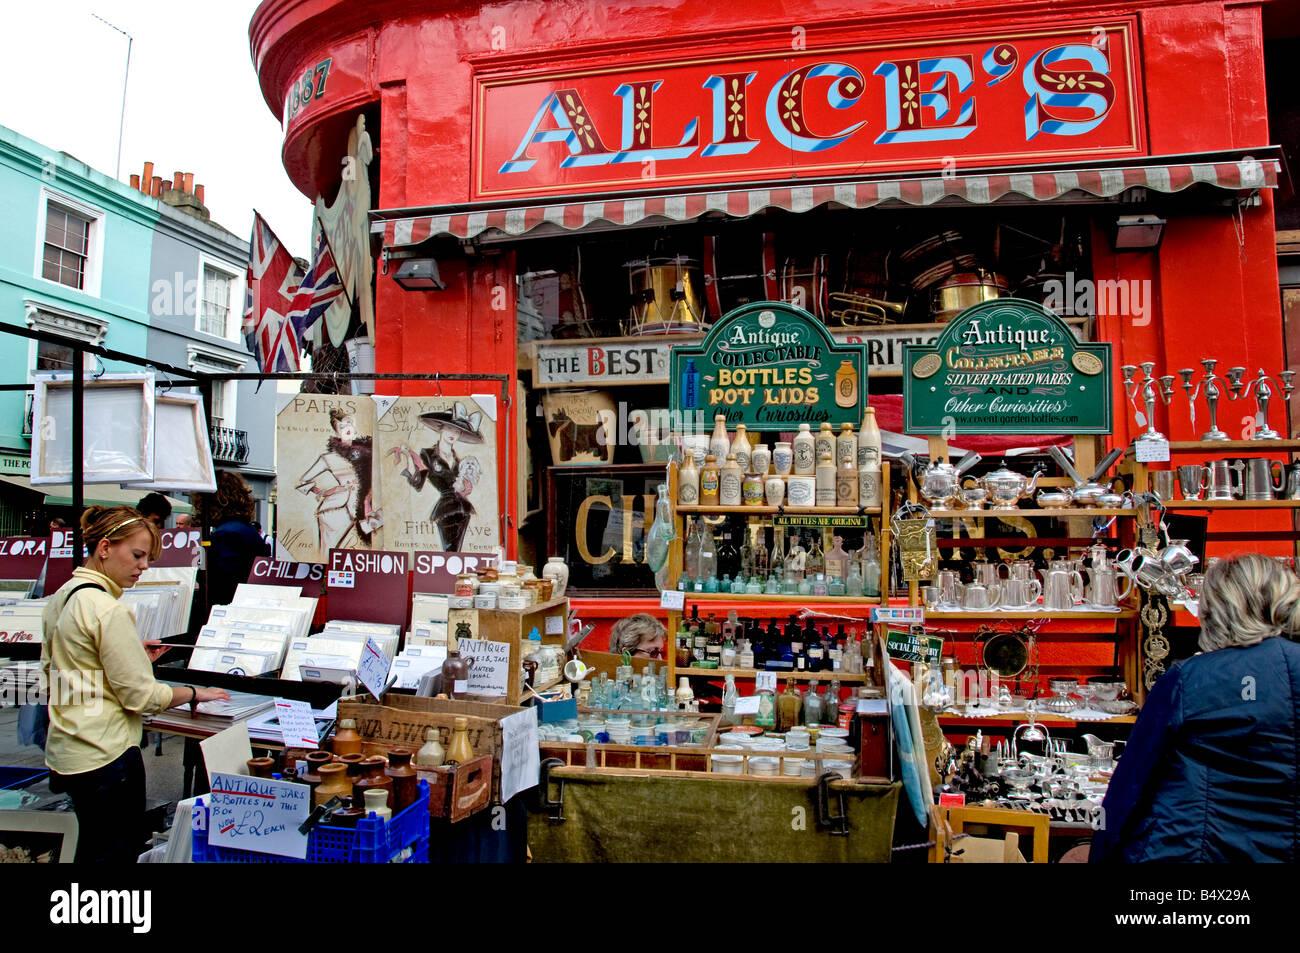 Portobello Road Market Notting Hill London - Stock Image